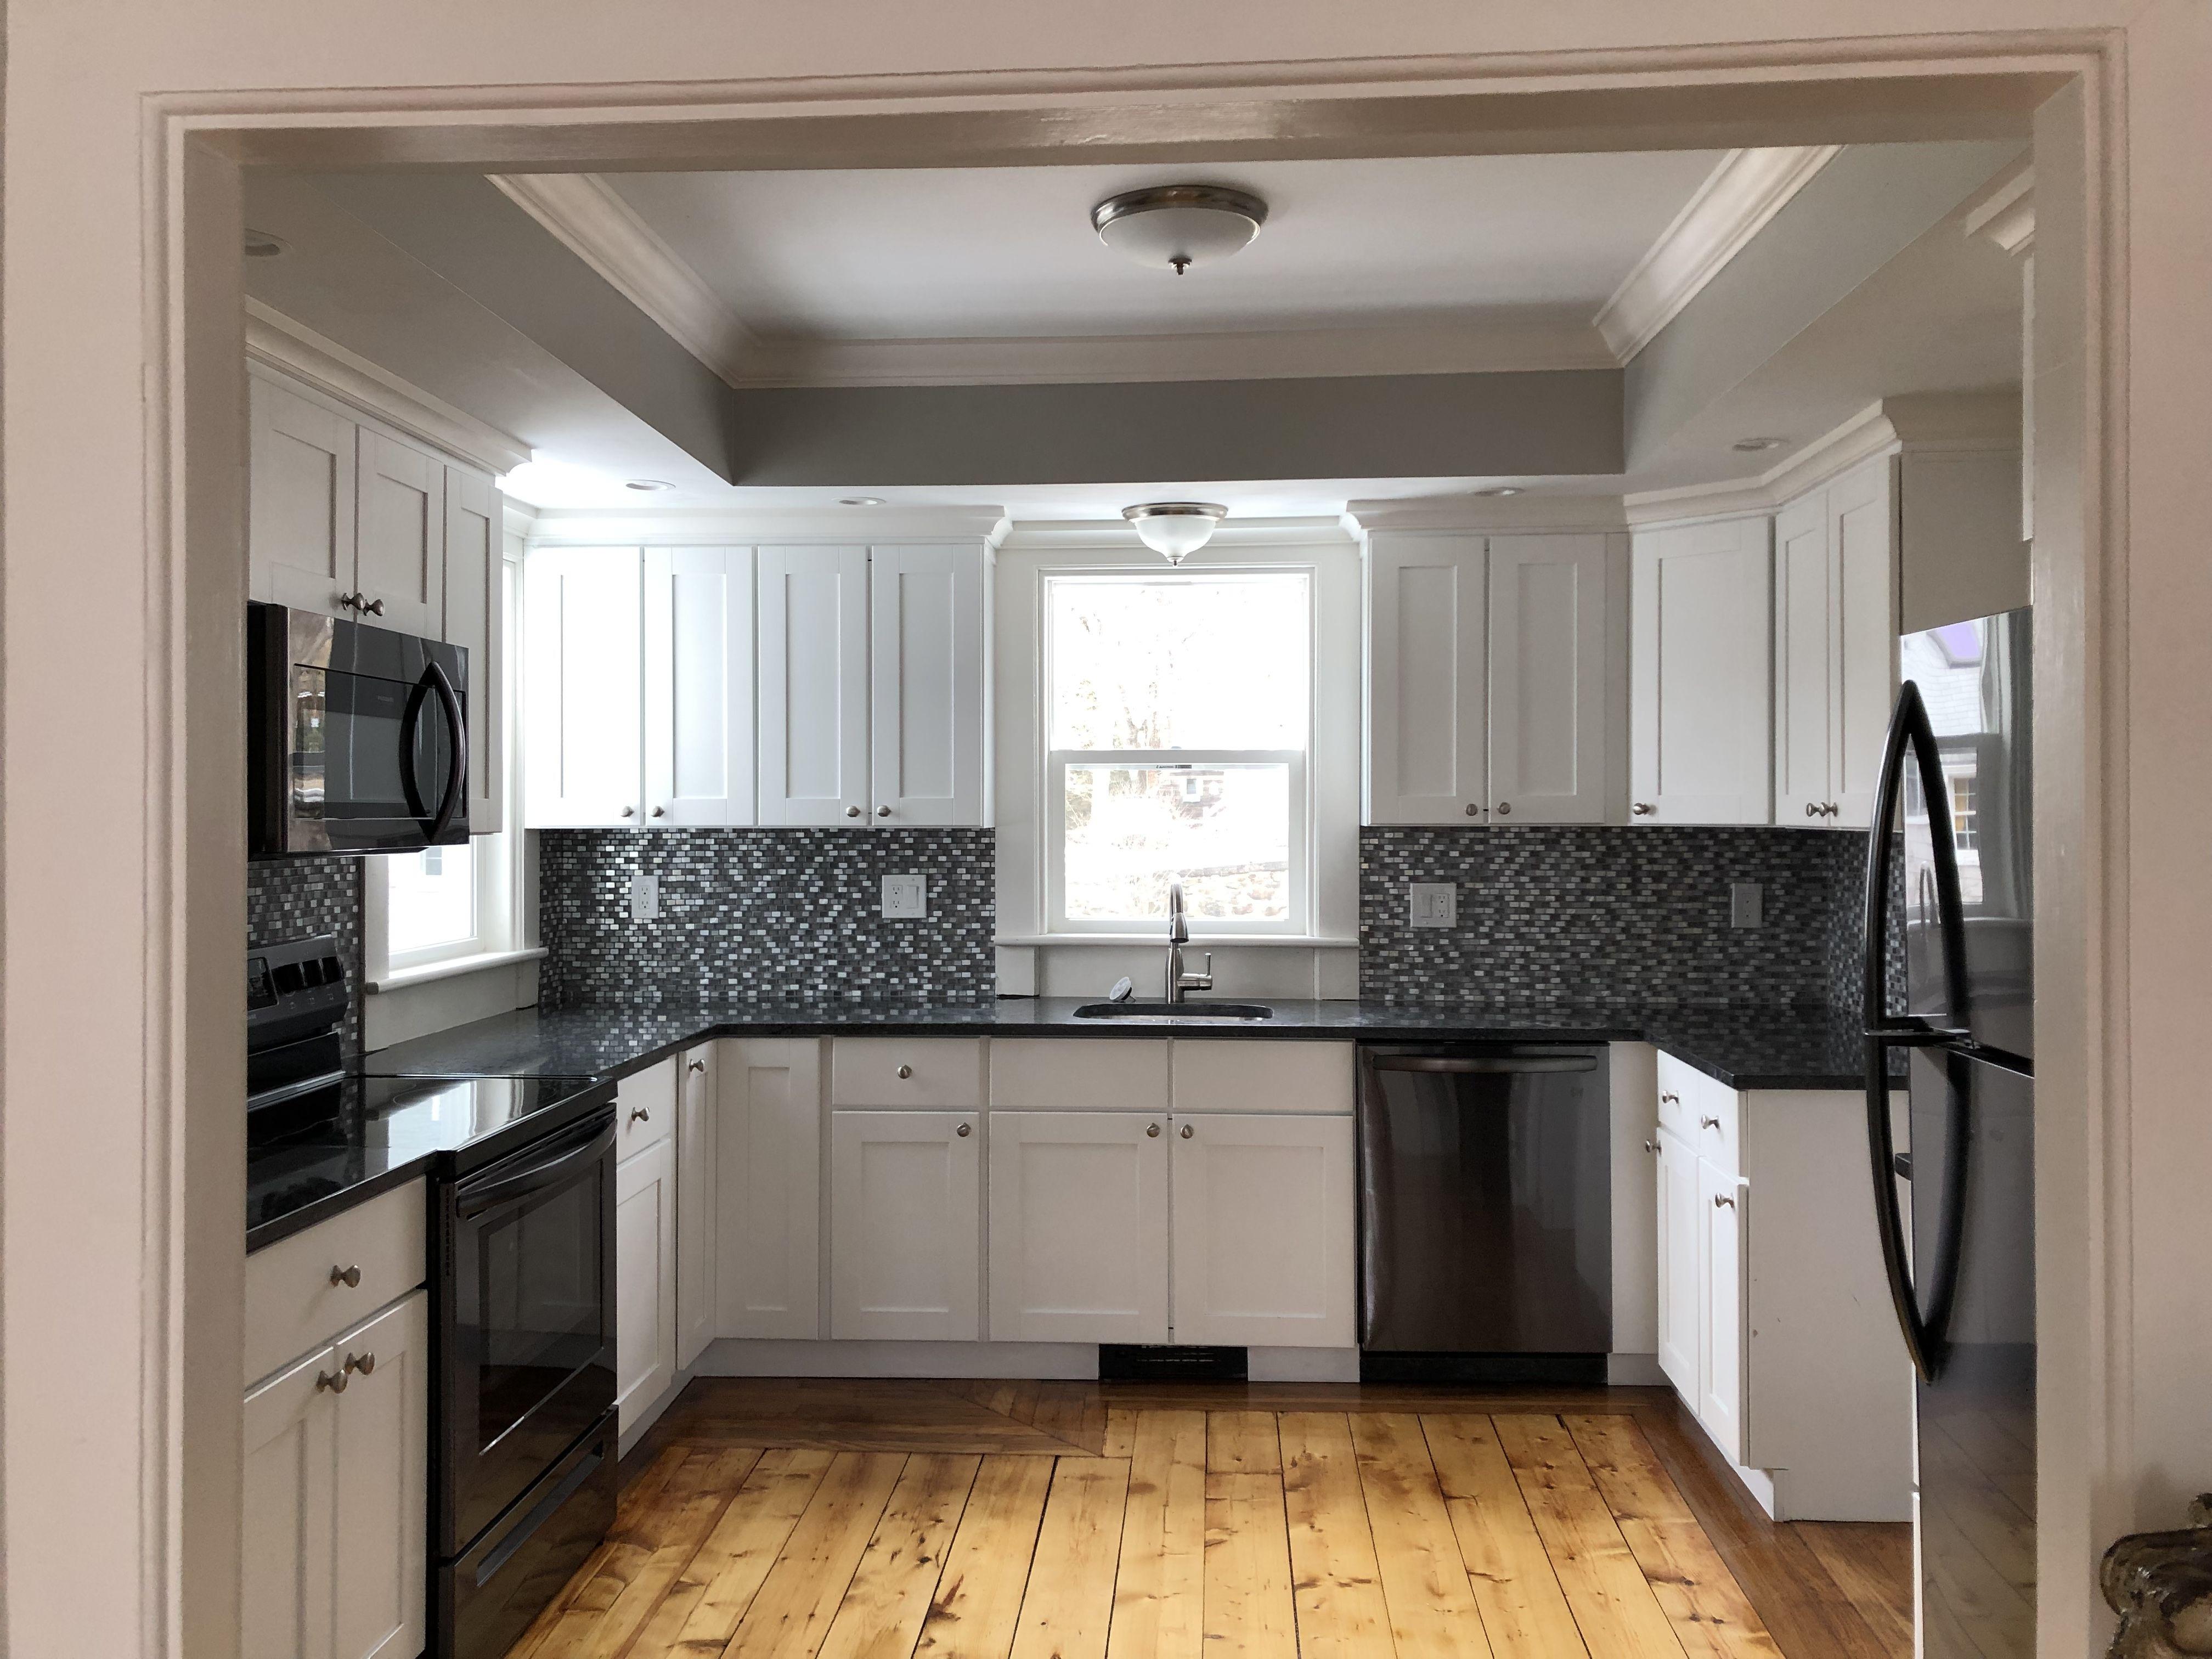 https://myre.io/0Ri0DwAvN6sch | Kitchen cabinets, Home ...